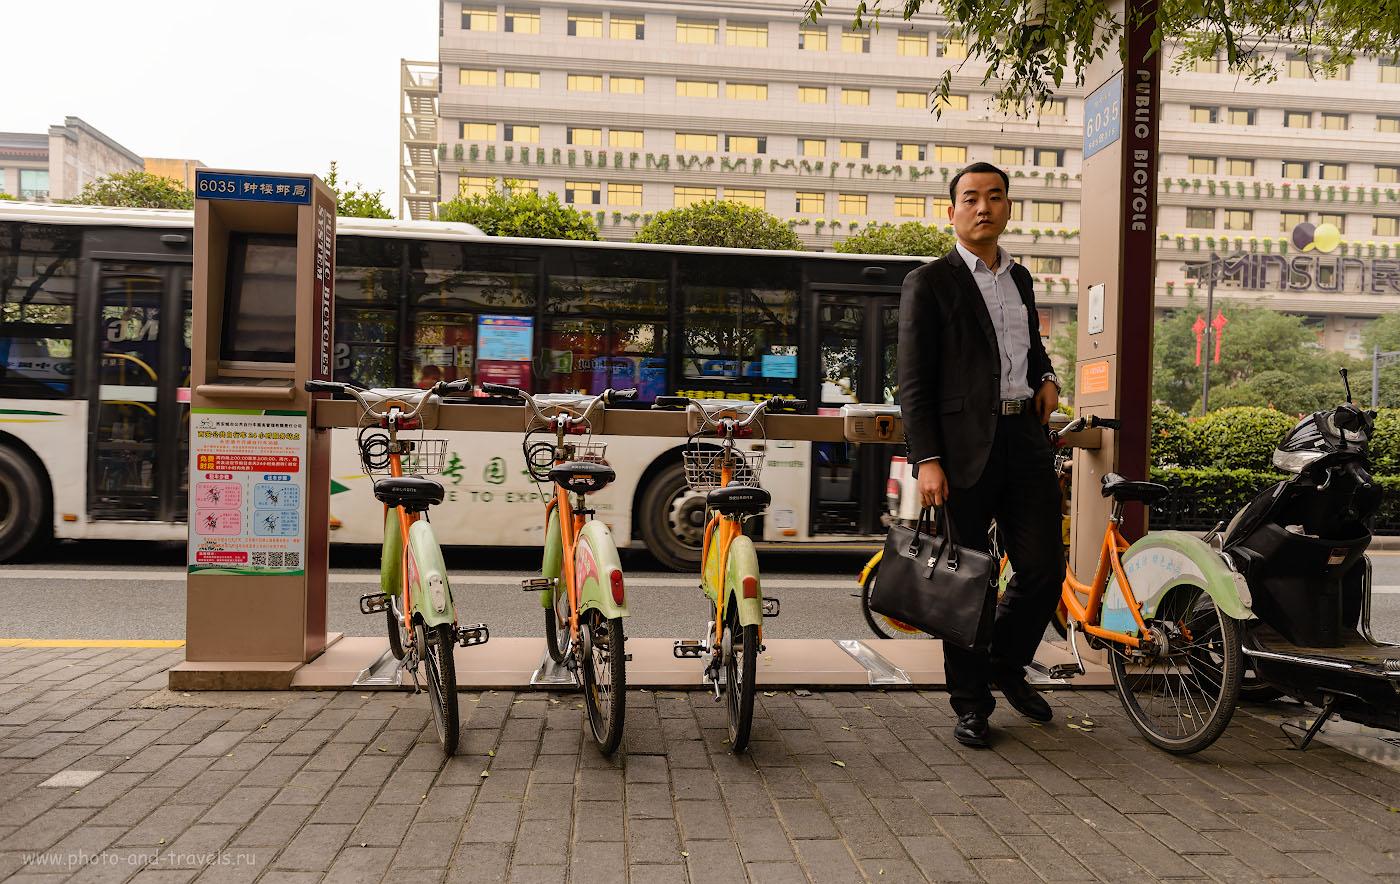 Фотография 18. В Сиане можно встретить на каждом шагу пункты проката велосипедов. Отчет о путешествии по Китаю самостоятельно. 1/200, 4.5, 100, 24.